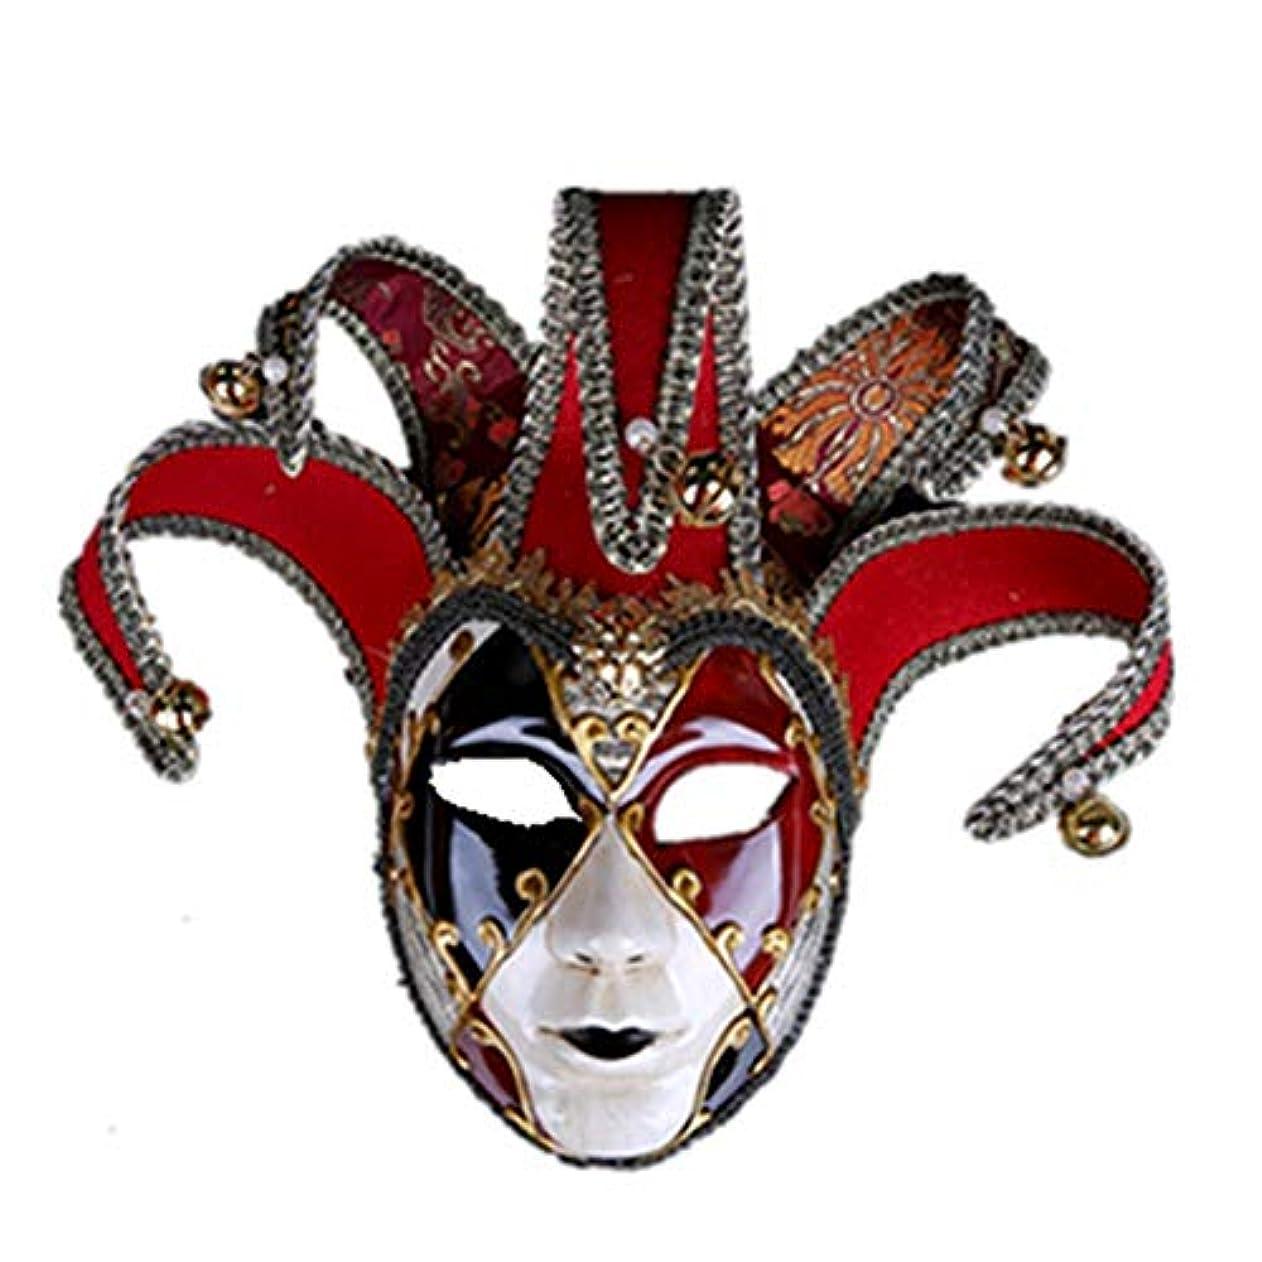 目指す速記些細なダンスマスク ハロウィーンパフォーマンスパフォーマンスマスクマスカレード雰囲気用品クリスマスホリデーパーティーボールハロウィーンカーニバル パーティーボールマスク (色 : 赤, サイズ : 45x15.8cm)